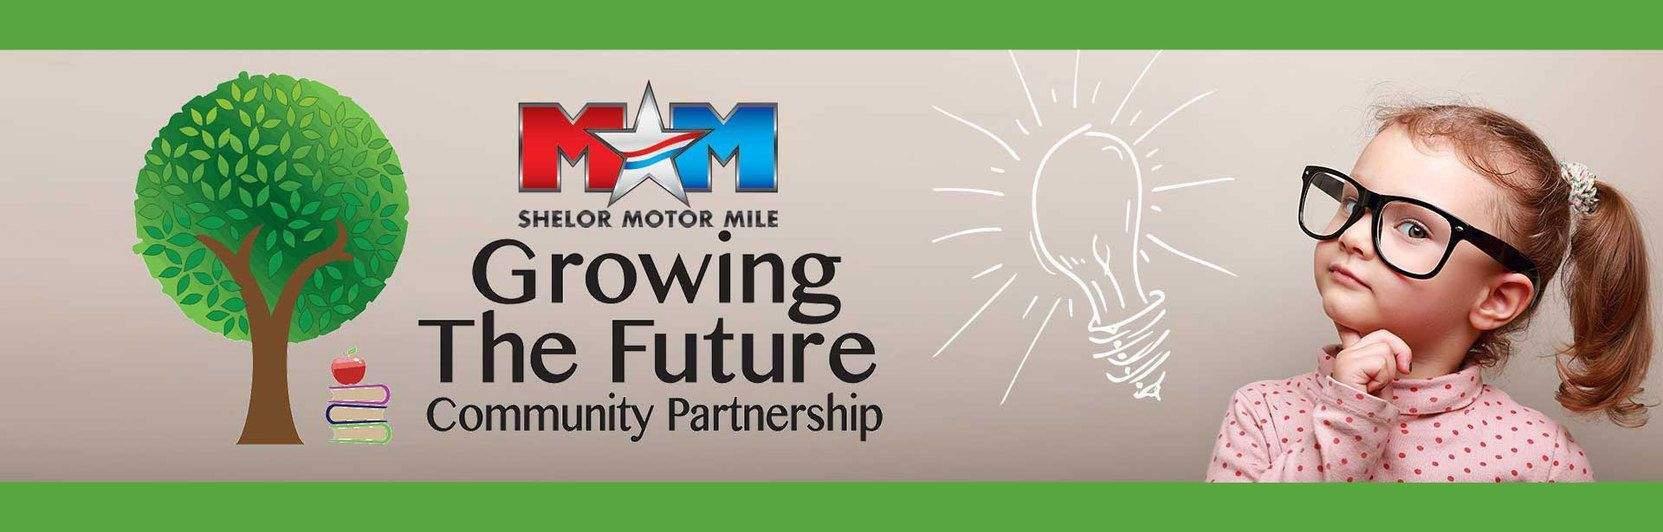 shelor motor mile dealerships christiansburg va used cars shelor motor mile. Black Bedroom Furniture Sets. Home Design Ideas